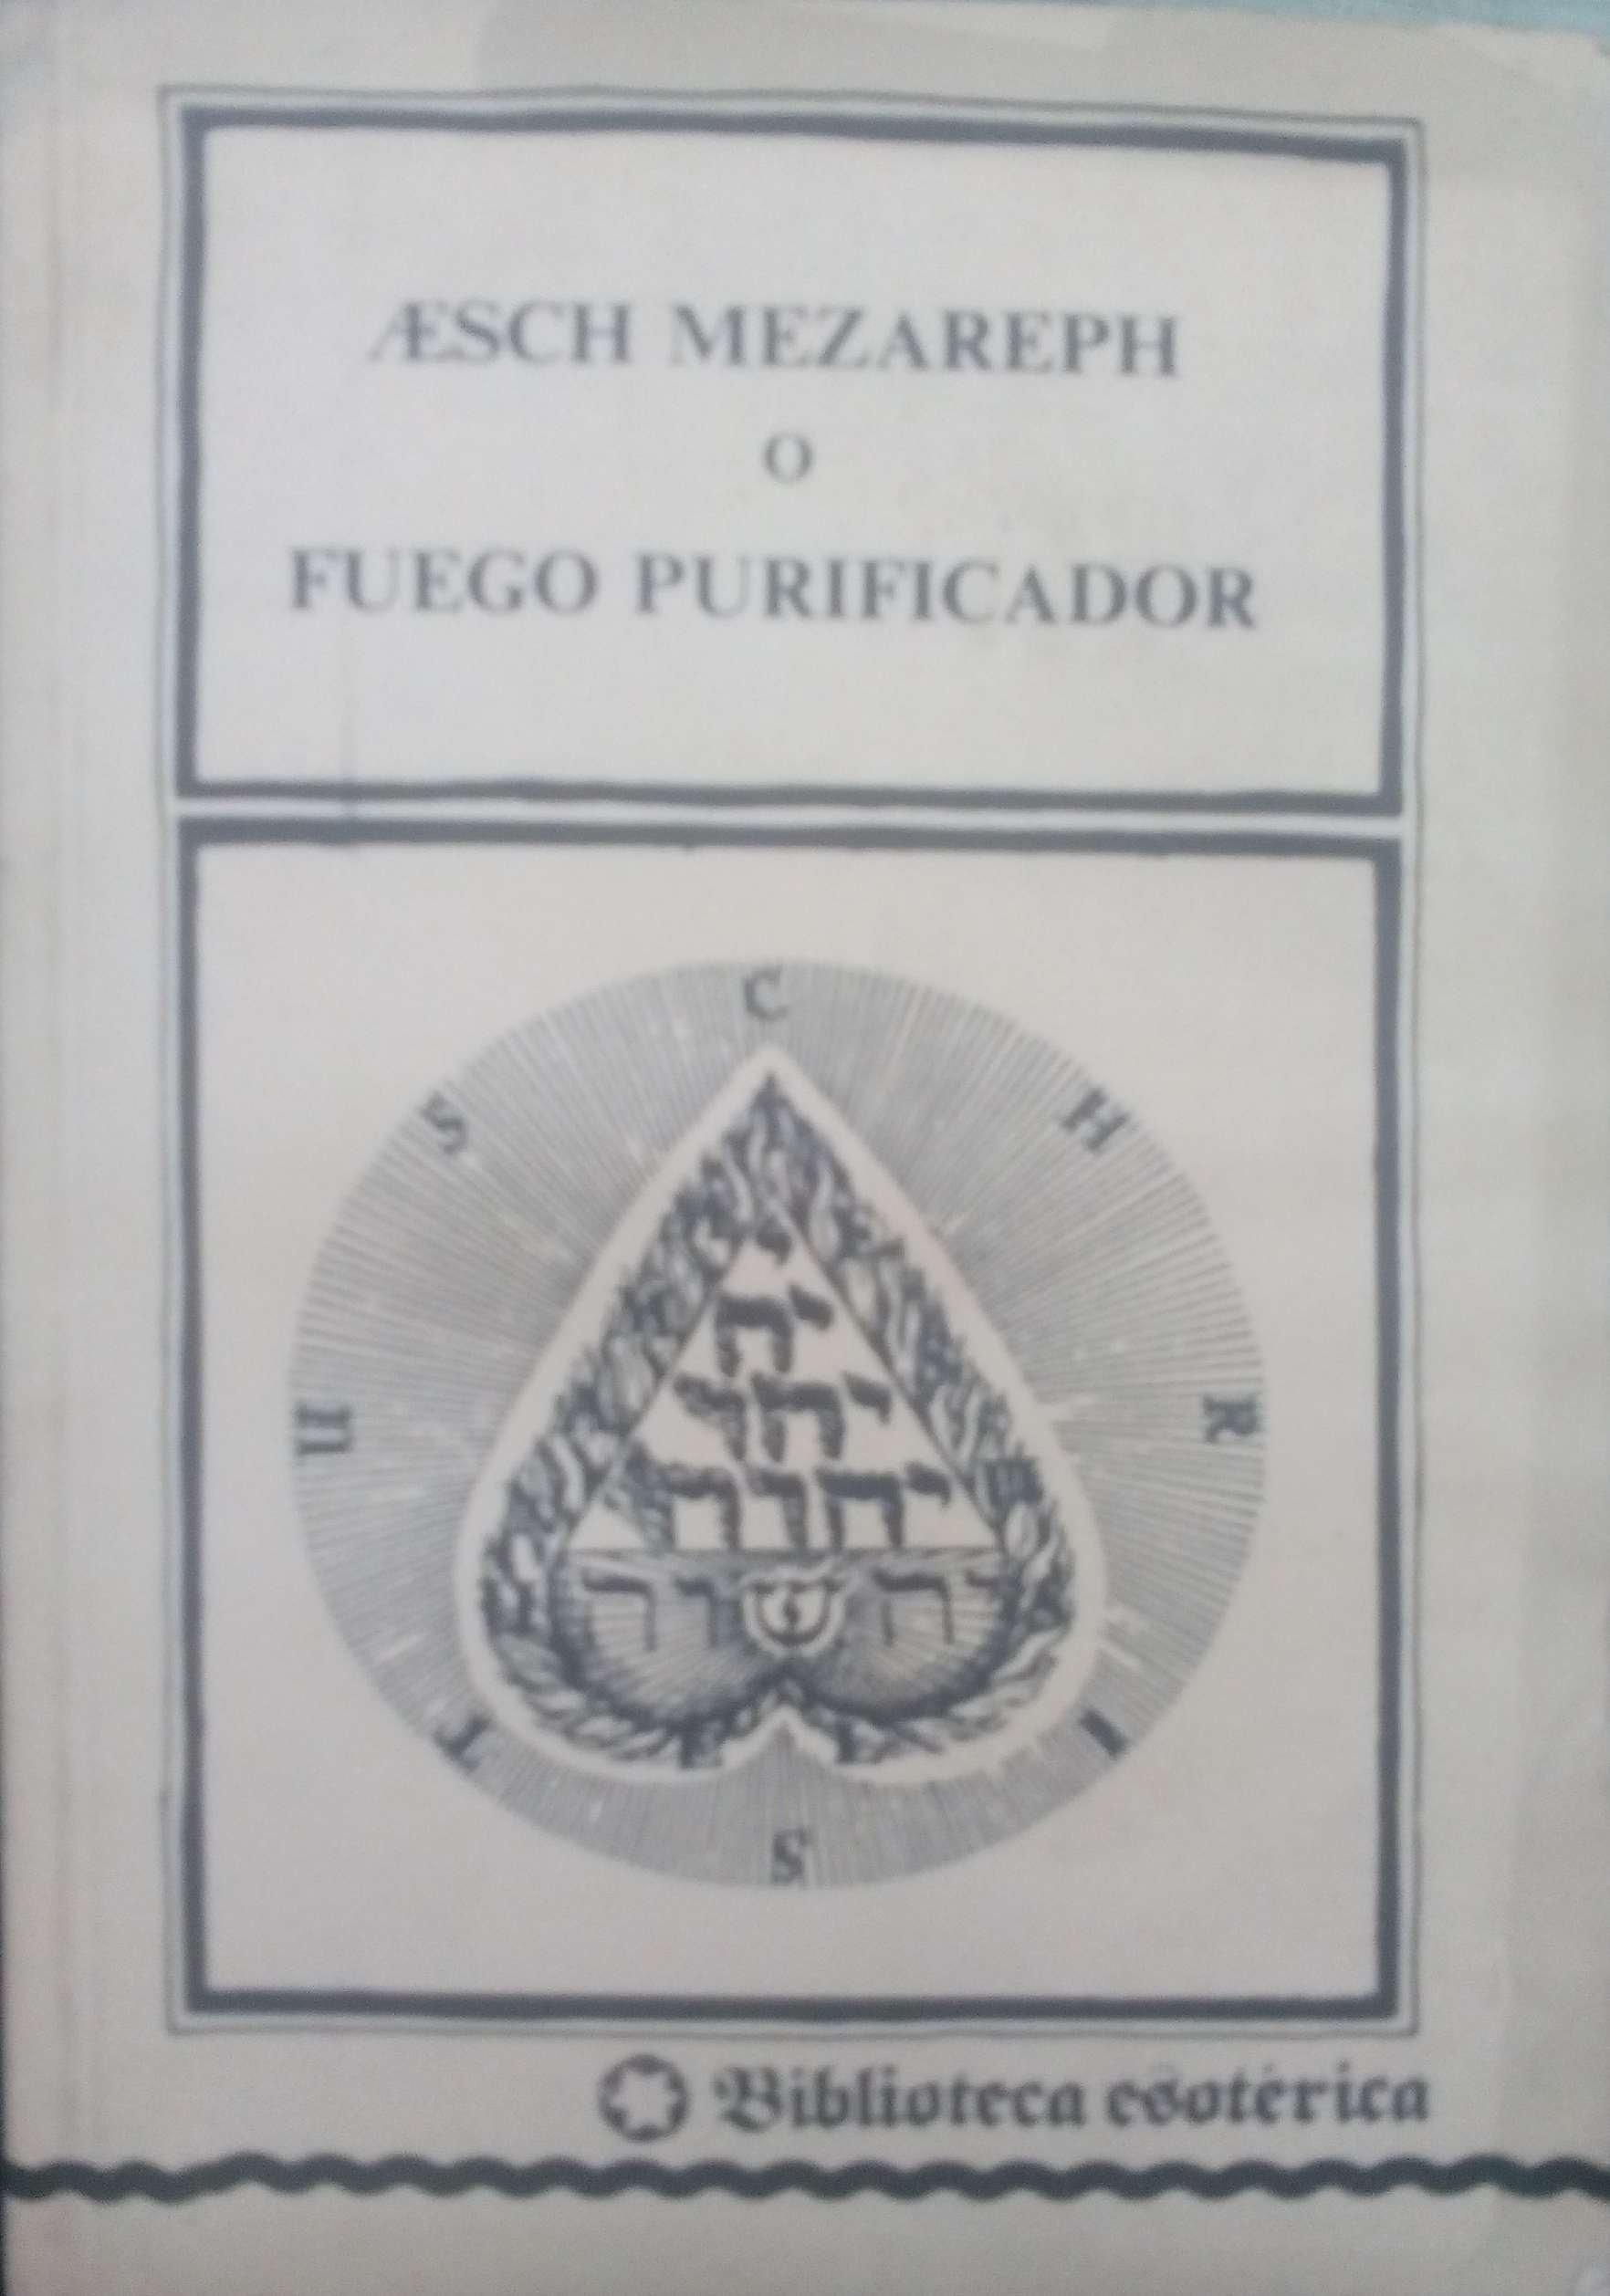 Aesch Mezareph O Fuego Purificador: Amazon.es: Libros